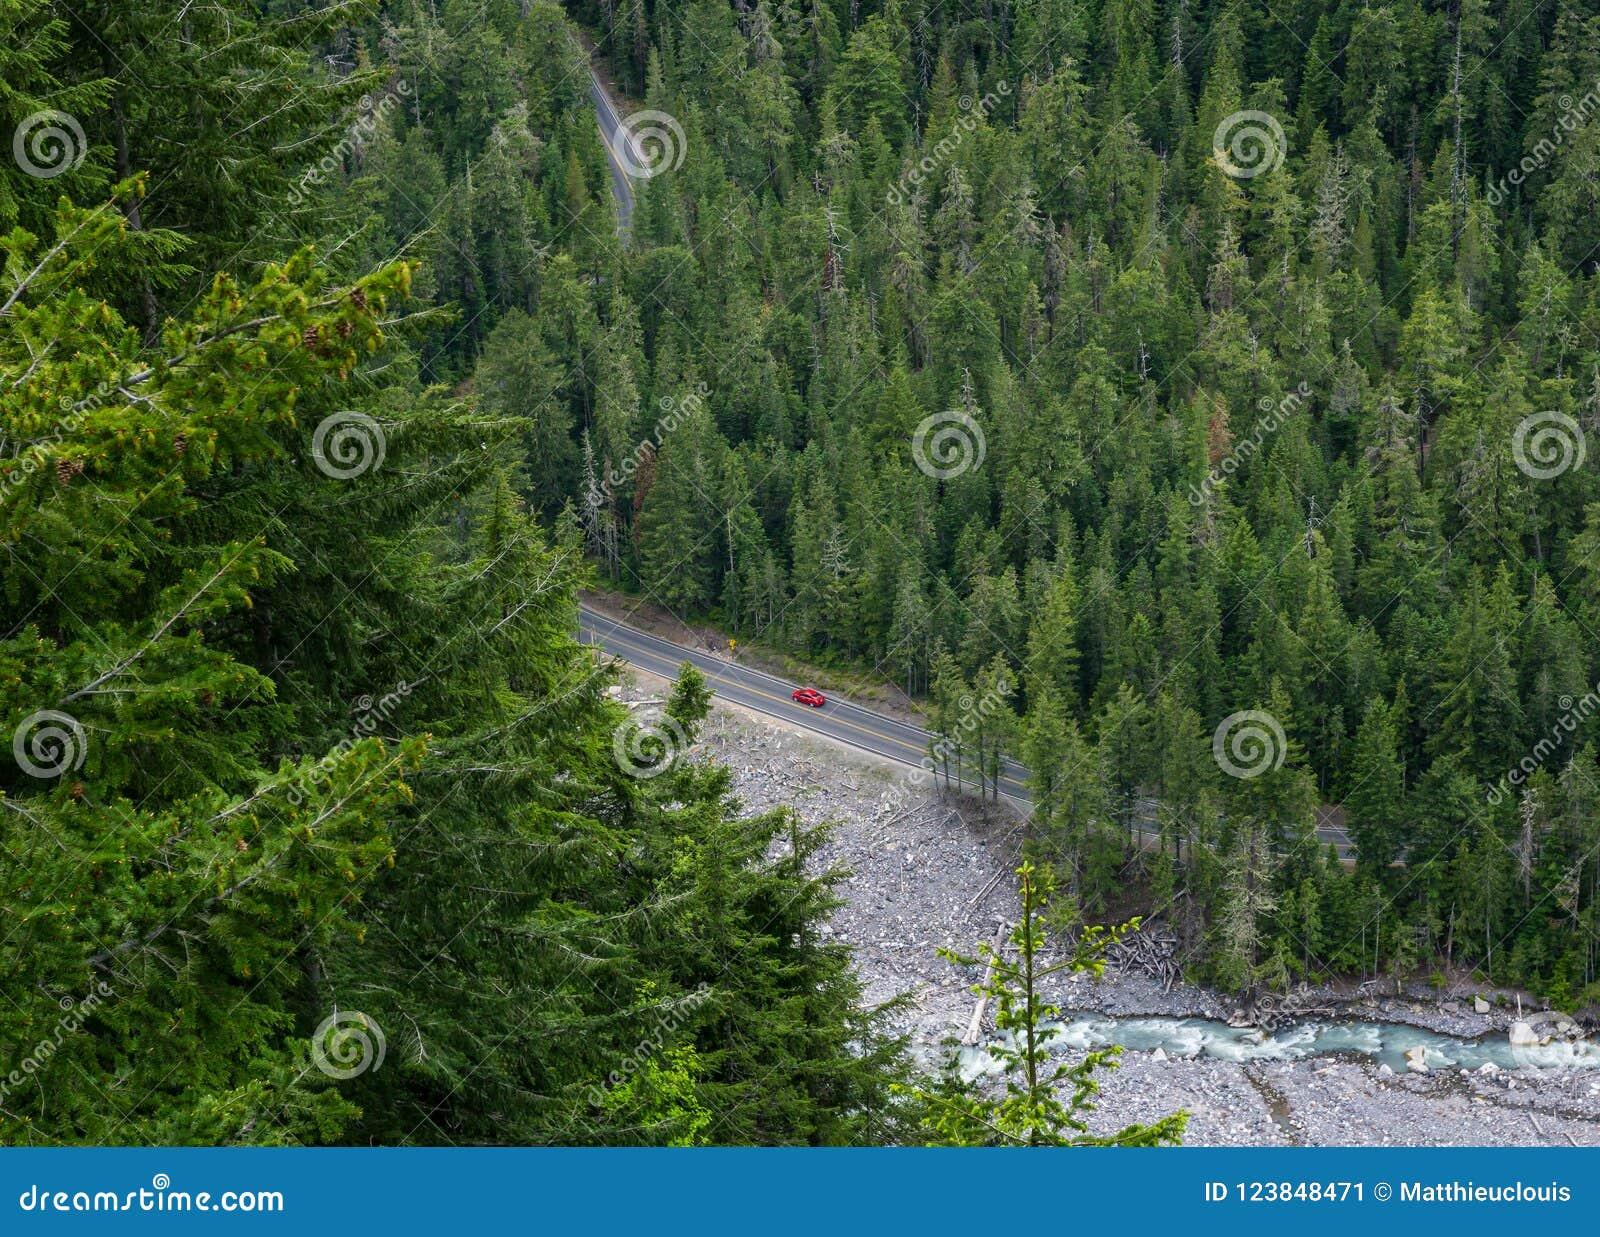 Propósito aéreo de la conducción de automóviles roja solitaria a través de un bosque del pino en el soporte Rainier National Park